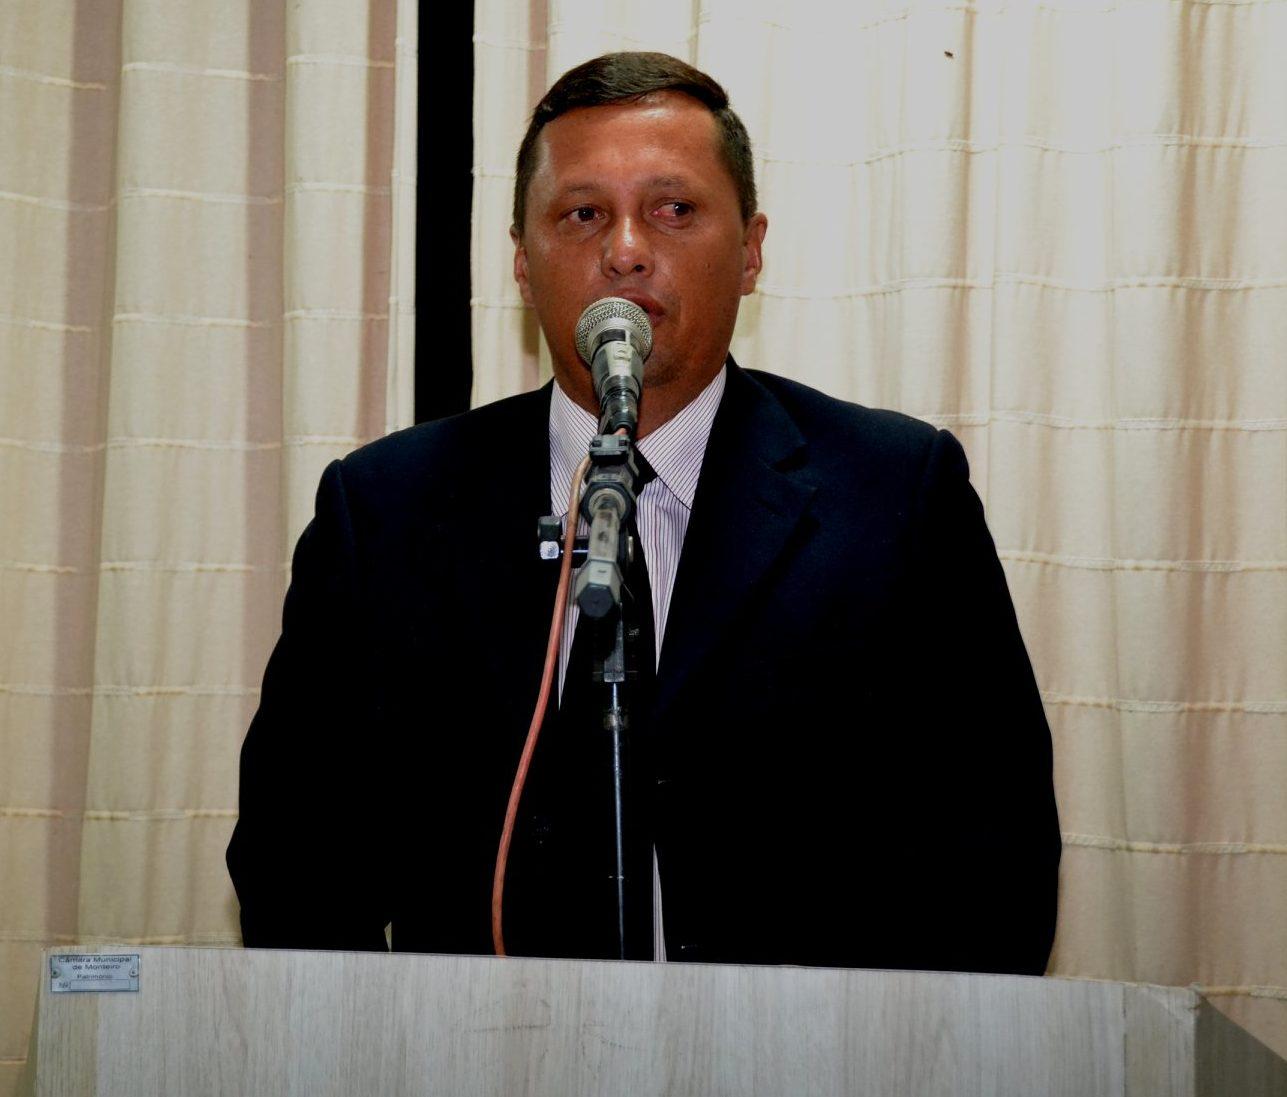 vereador-Helio-Sandro-Monteiro-e1612401697853 Presidente da Câmara de Vereadores de Monteiro quer manter bom relacionamento com o executivo municipal